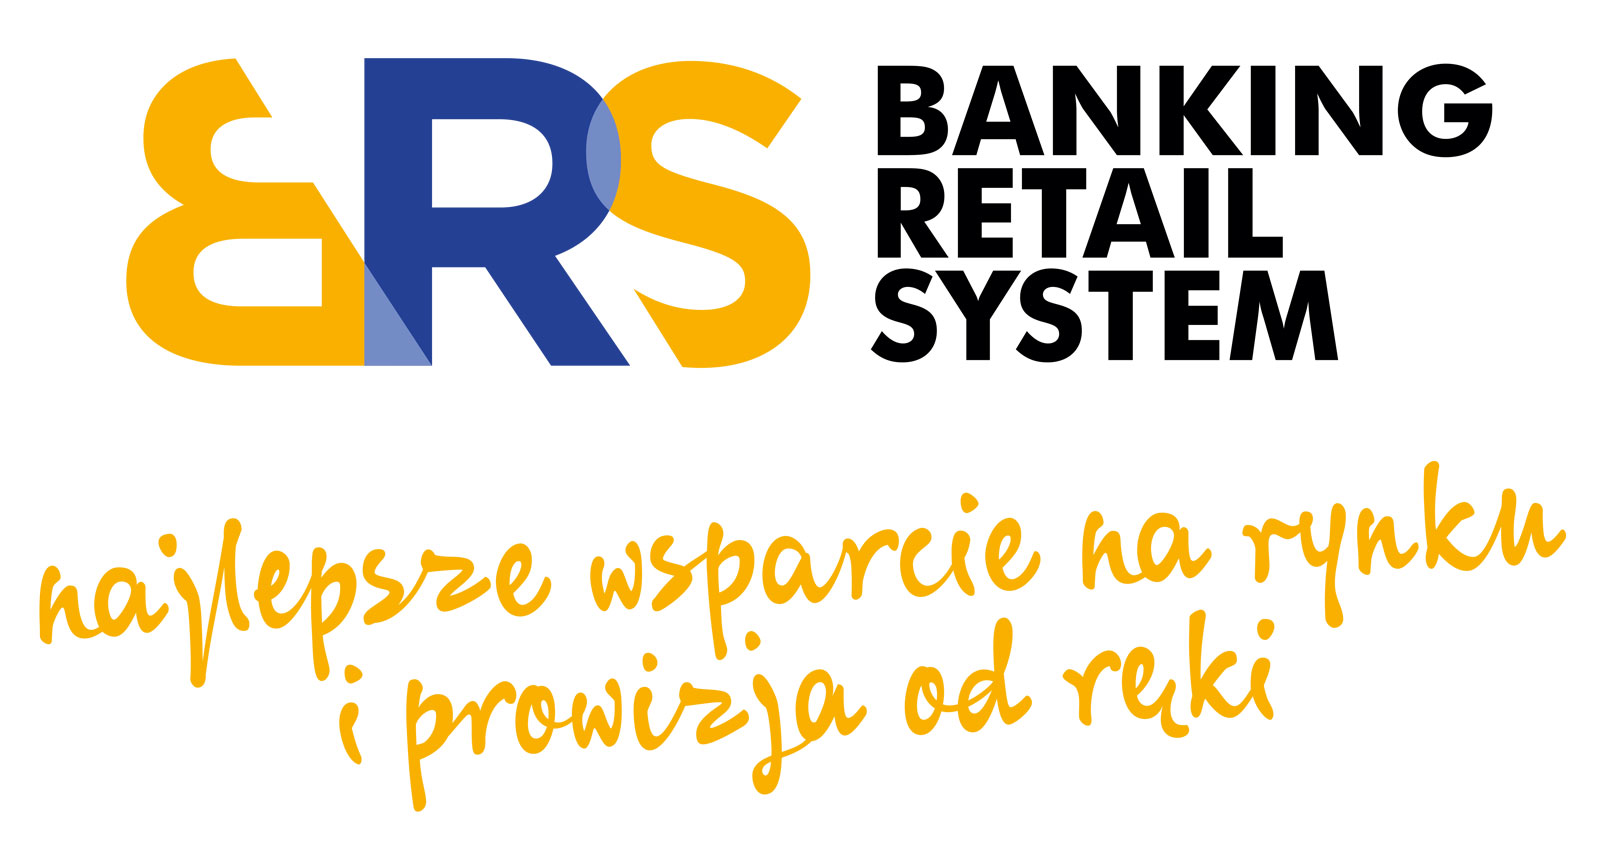 Banking Retail System